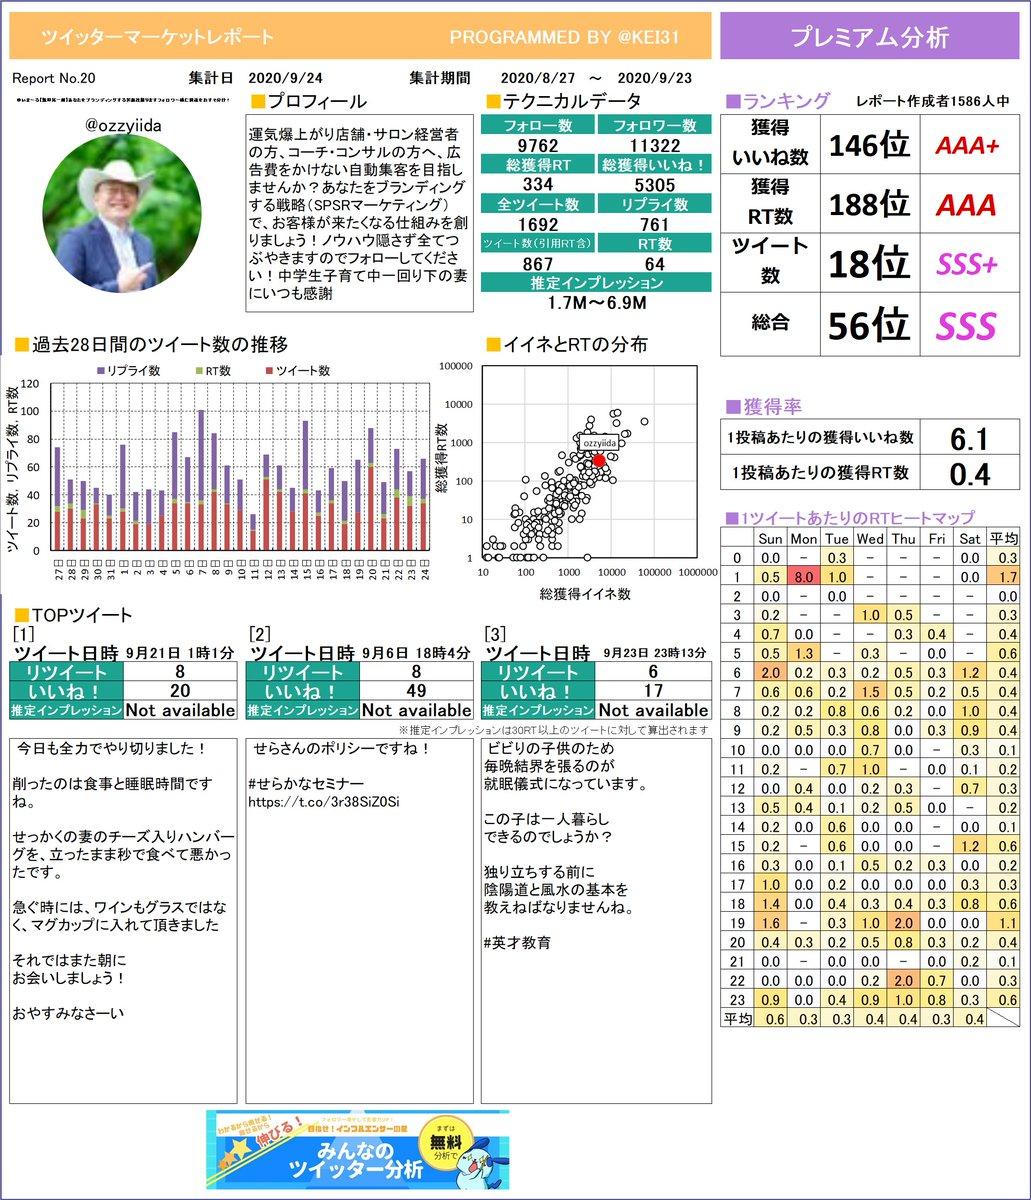 @ozzyiida ゆいまーる【飯田晃一朗】あなたさんのレポートを作ったよ!感想とかをつぶやいてもらえたら嬉しいな。次回もお楽しみに!プレミアム版もあるよ≫